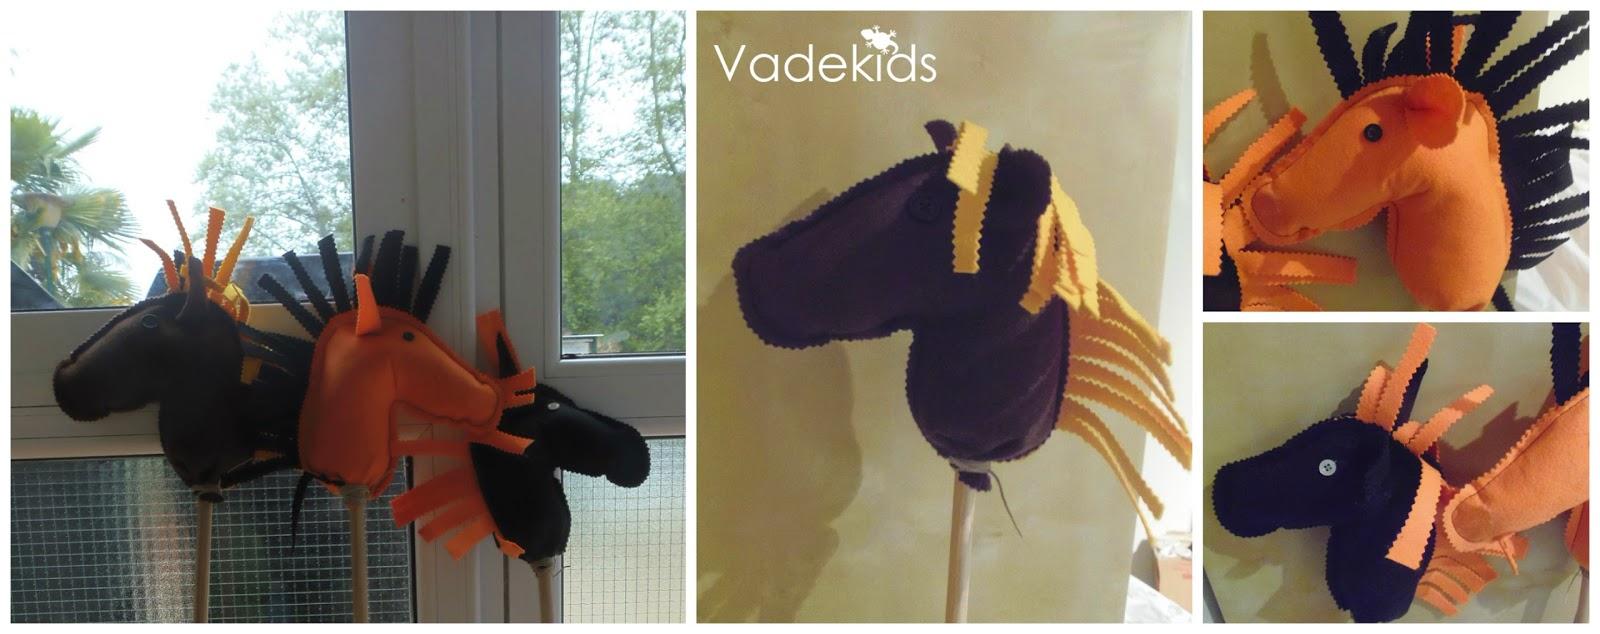 Vadekids manualidades caballo de palo - Manualidades de caballos para ninos ...